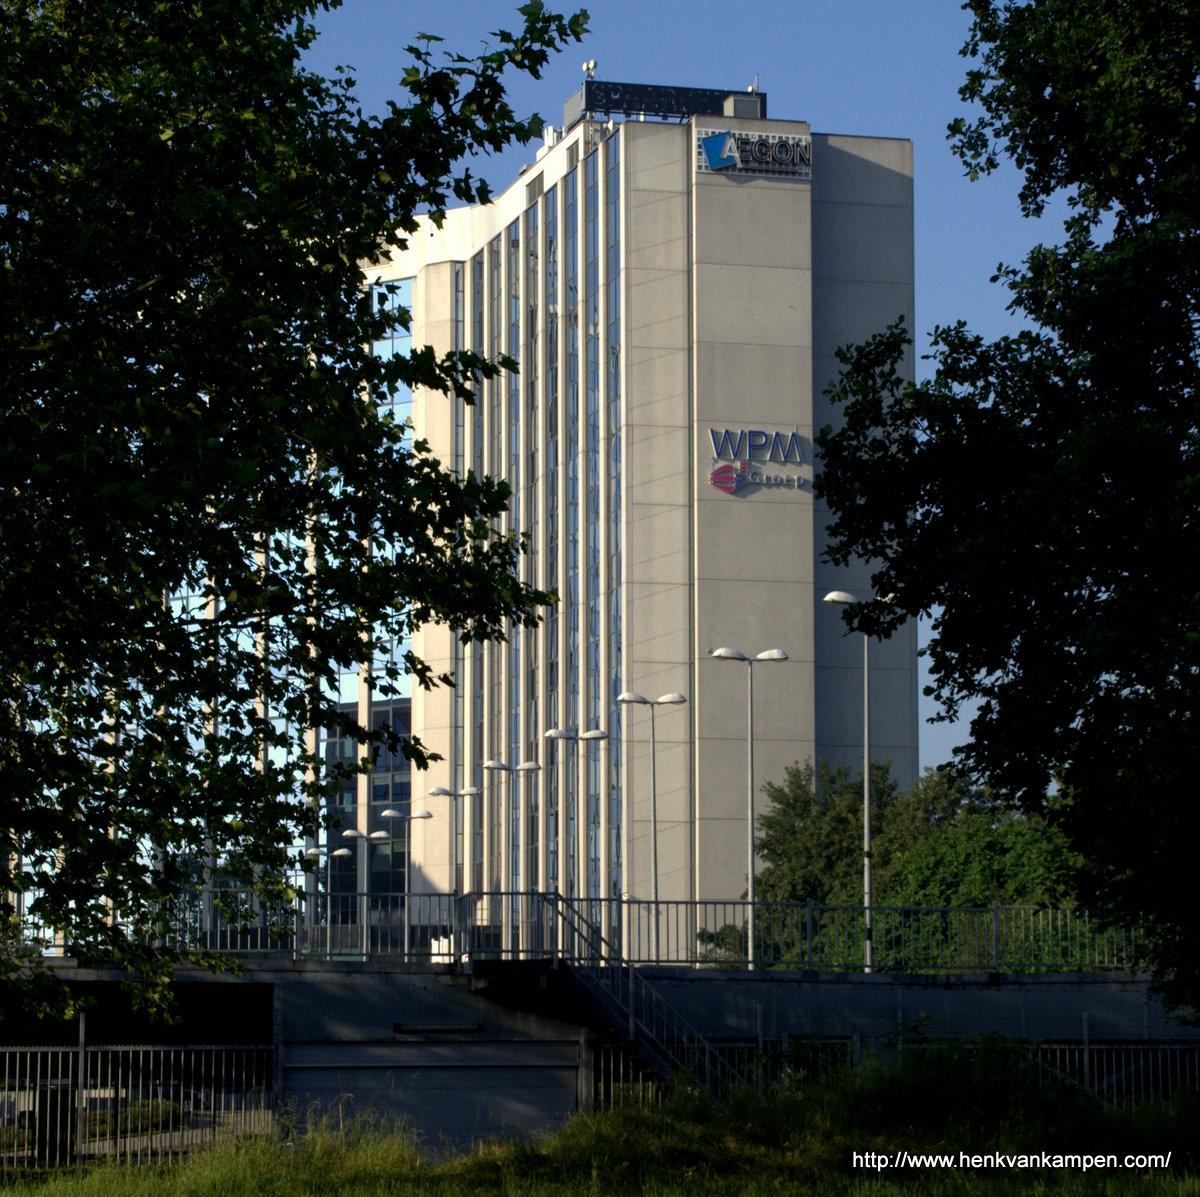 KCN Tower, Nieuwegein